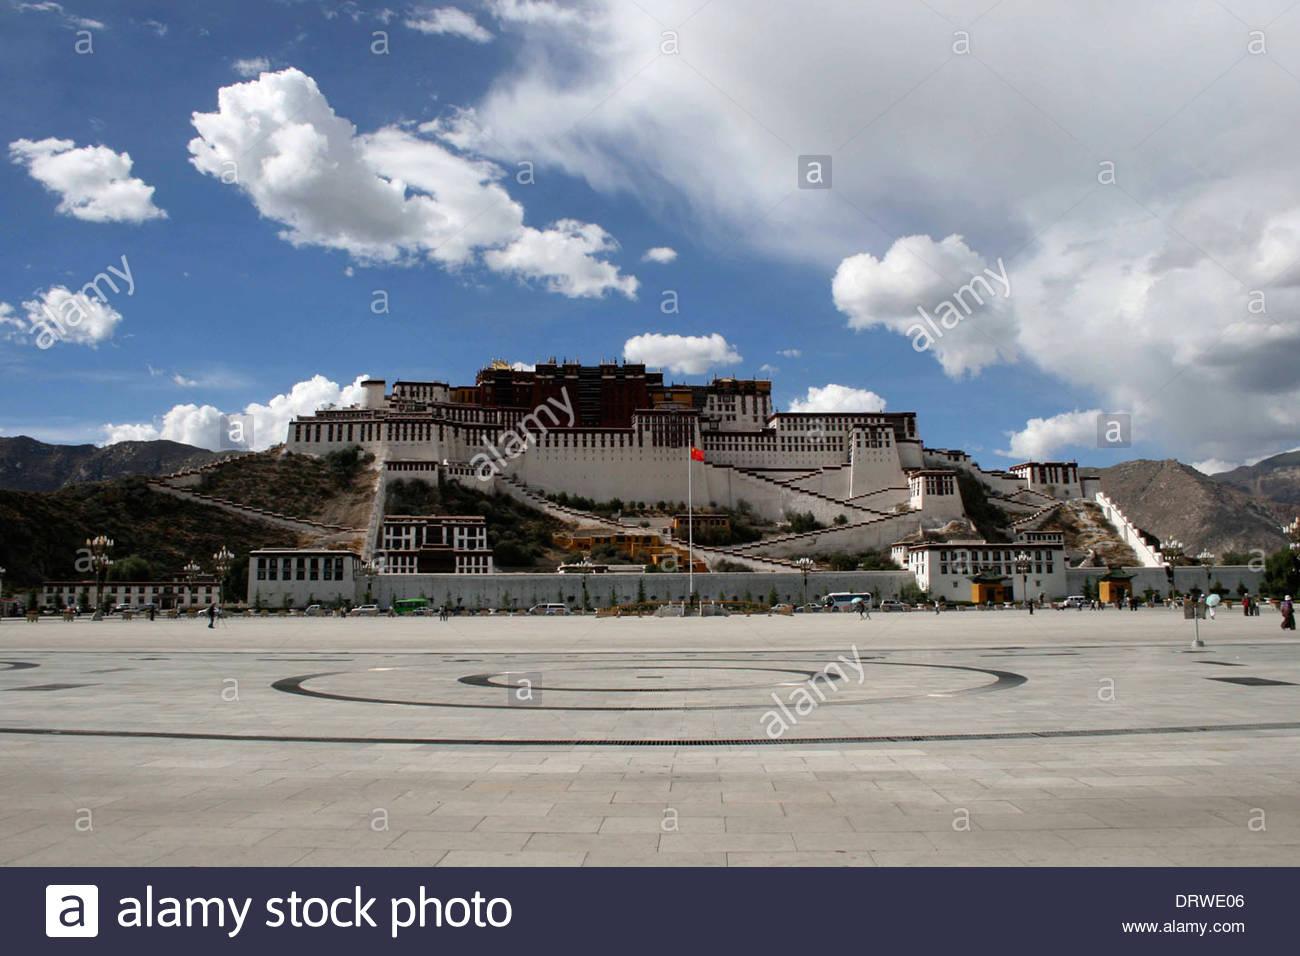 China Tibet Lhasa Potala Palace - Stock Image